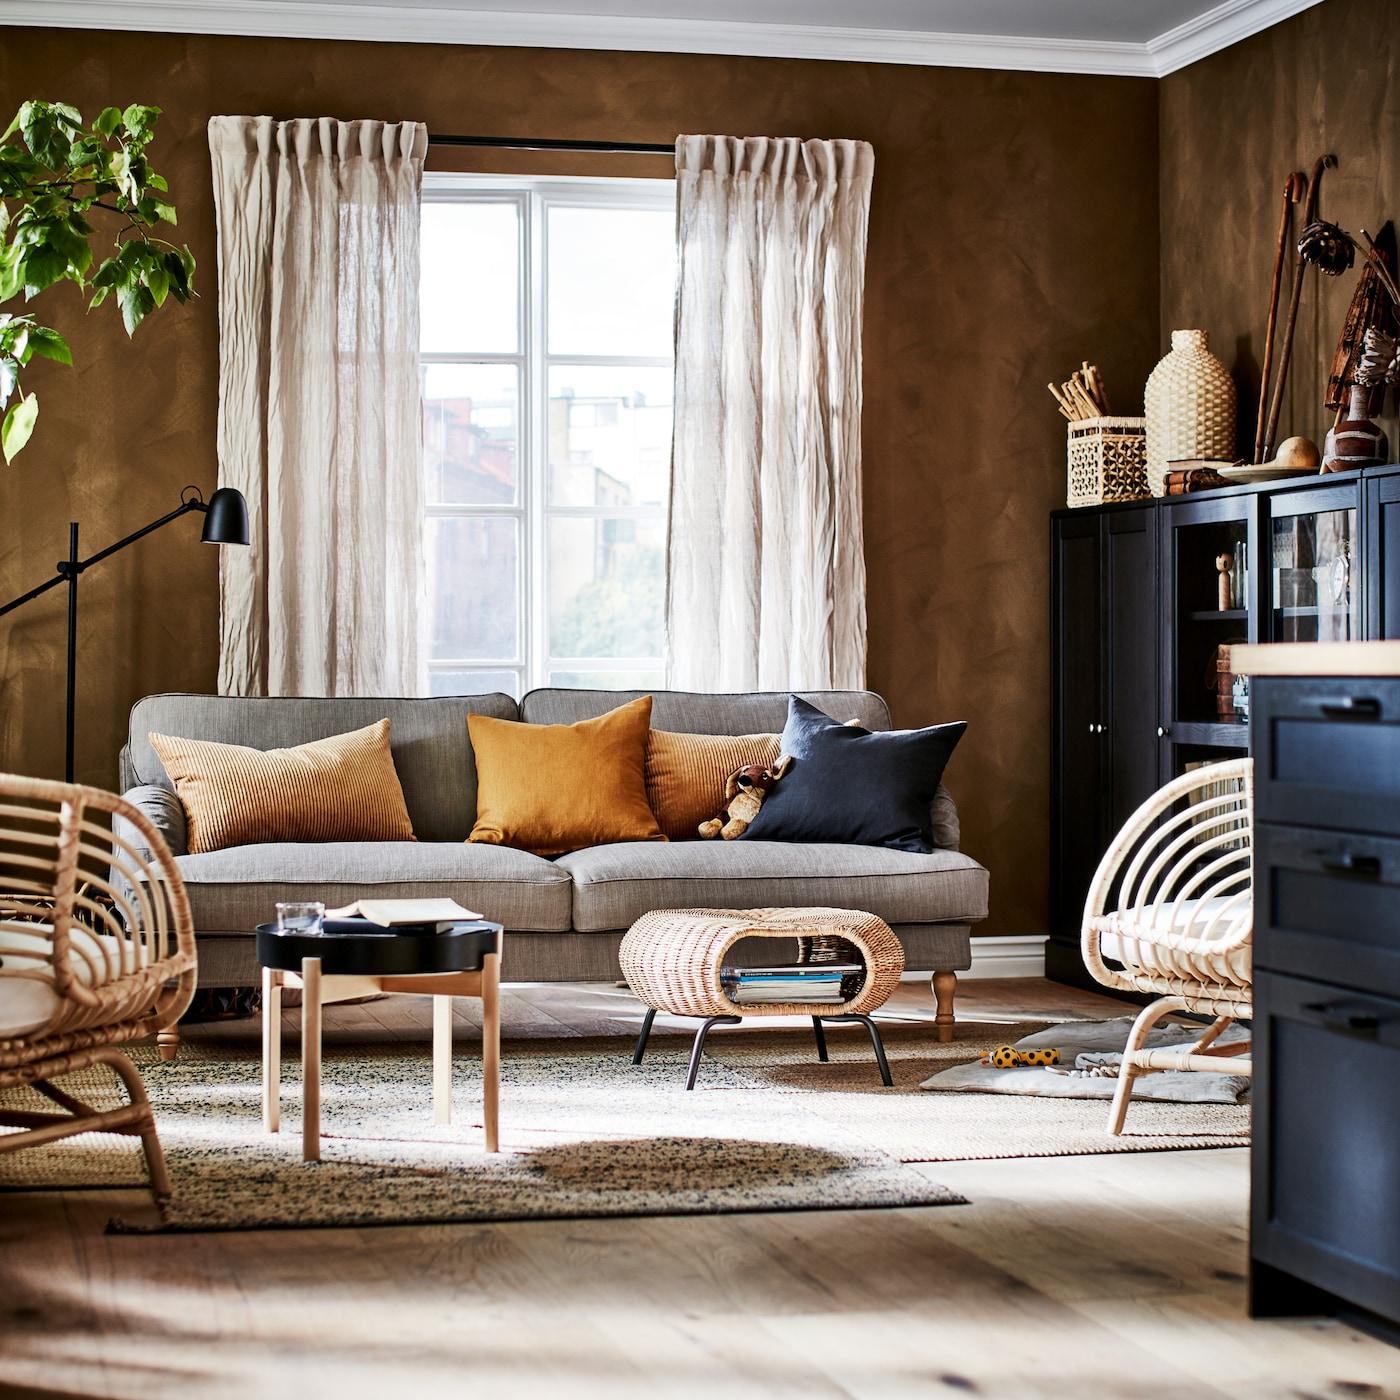 Obývacia izba so sivobéžovou pohovkou, dvomi jutovými kobercami, dvoma ratanovými kreslami, béžovými ľanovými závesmi a tmavohnedými skrinkami.